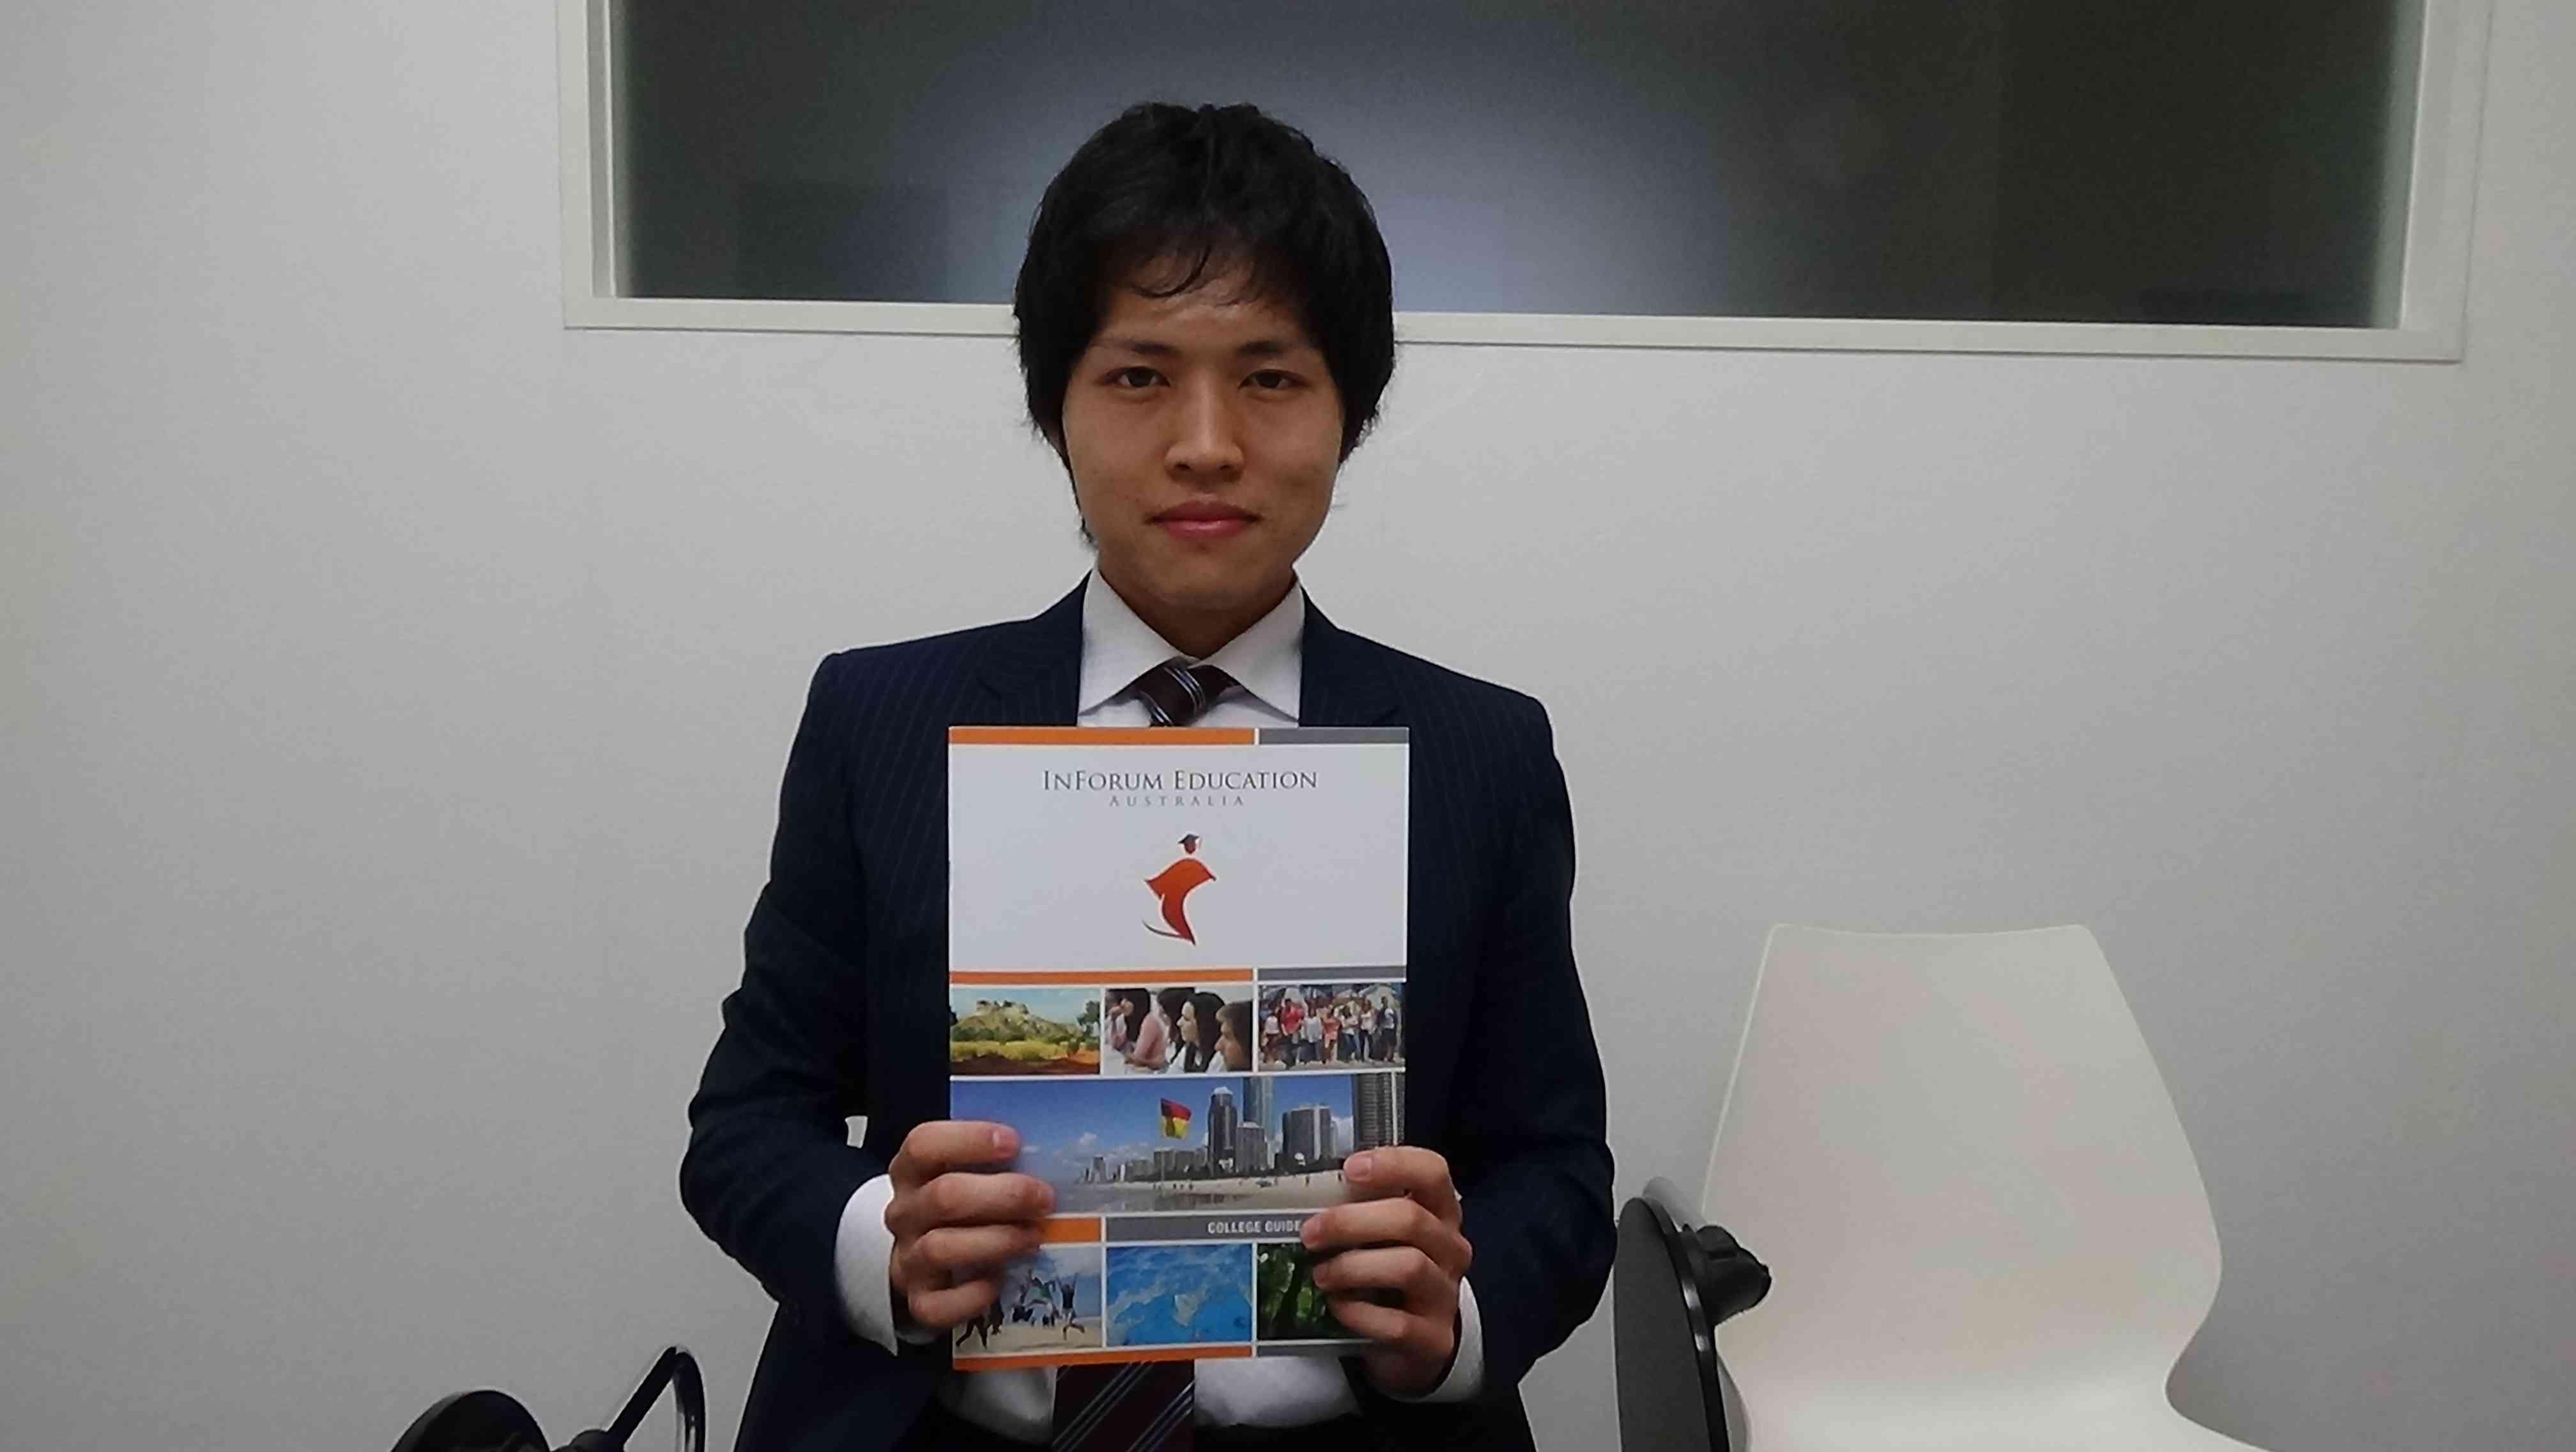 日本人スタッフのRyotaさん